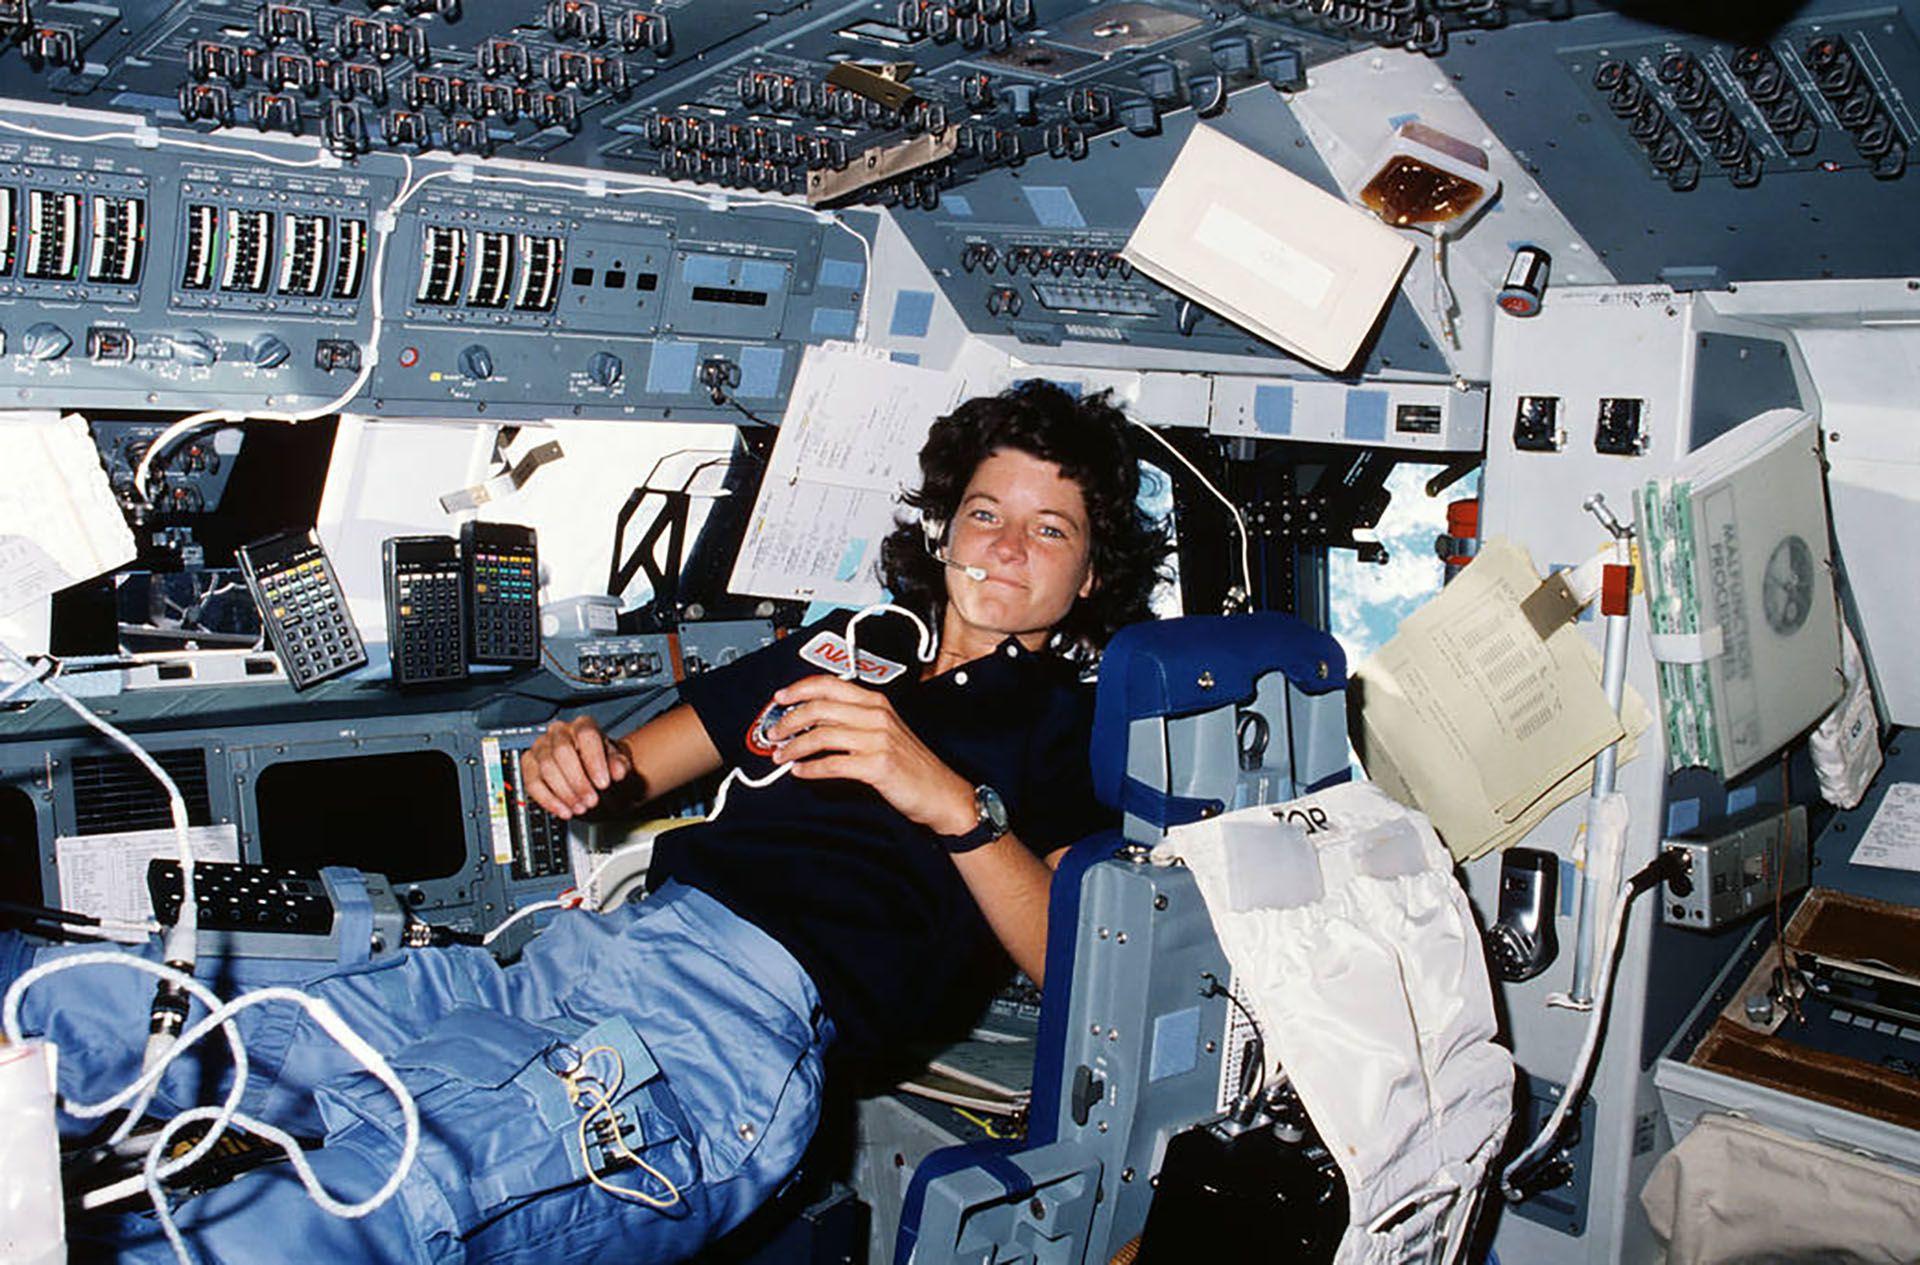 La astronauta Eileen Collins, la primera mujer piloto de una nave espacial: comandó el Discovery (NASA) (NASA)